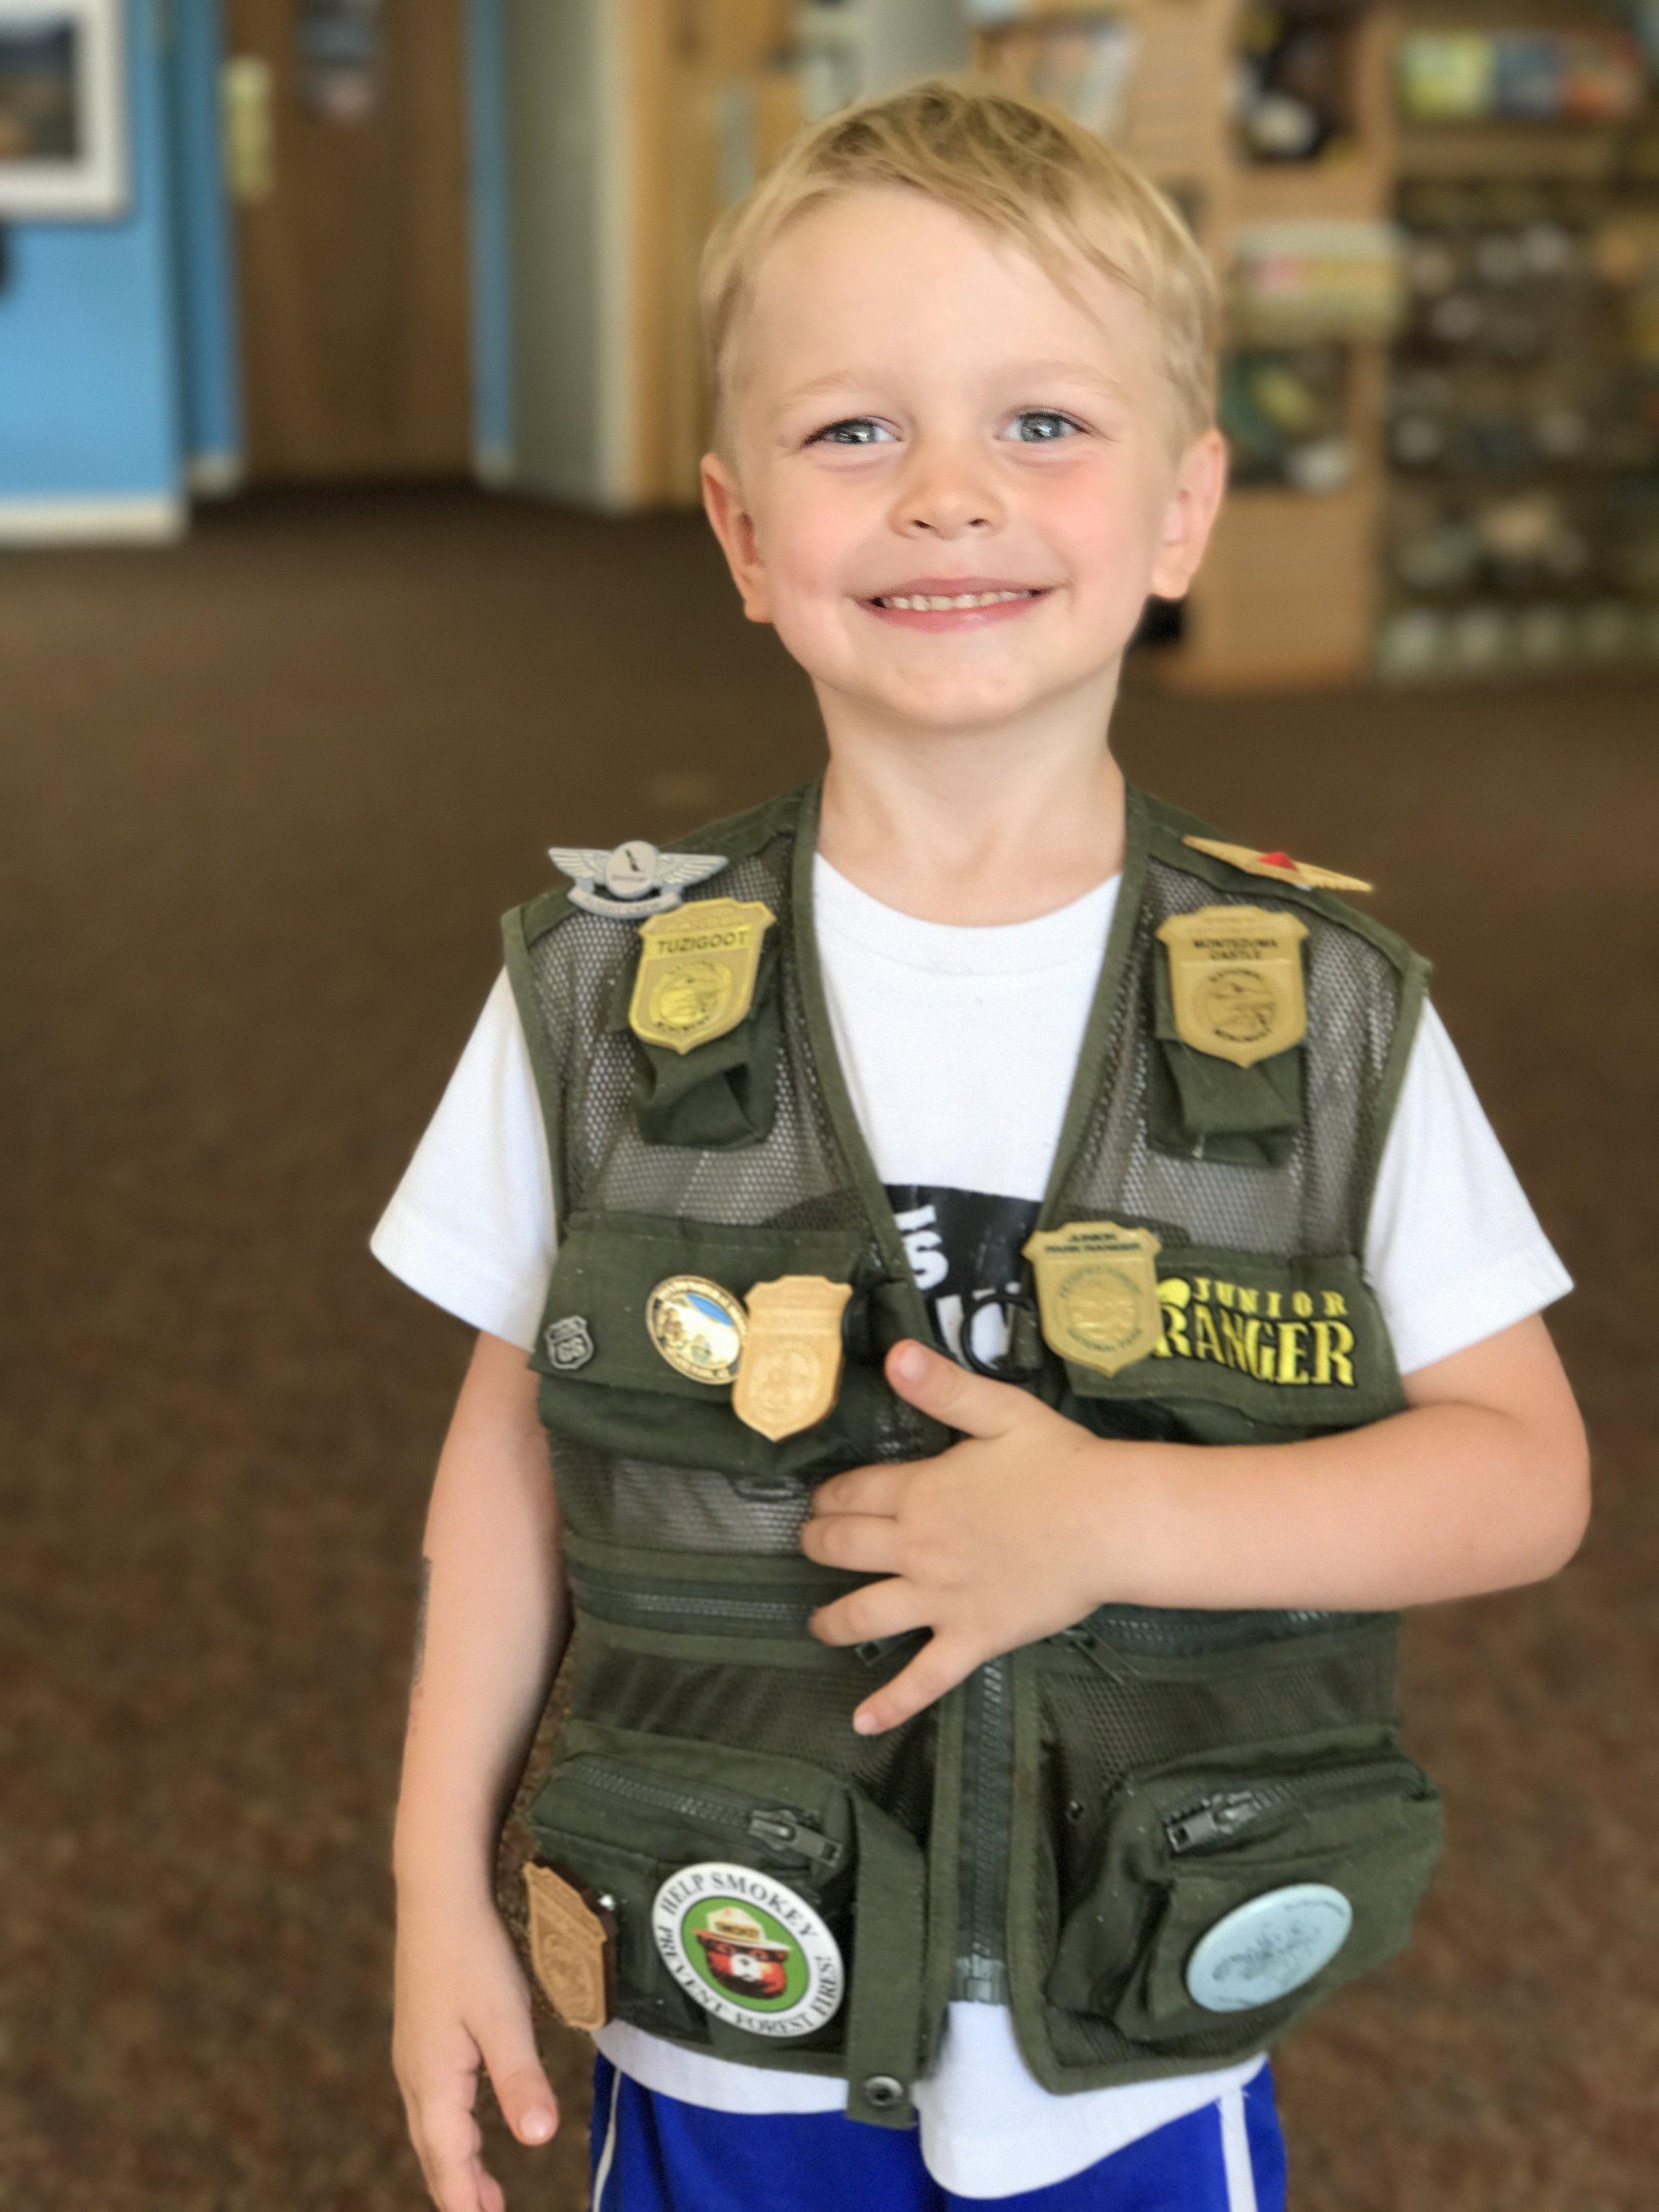 Oz junior ranger.JPG